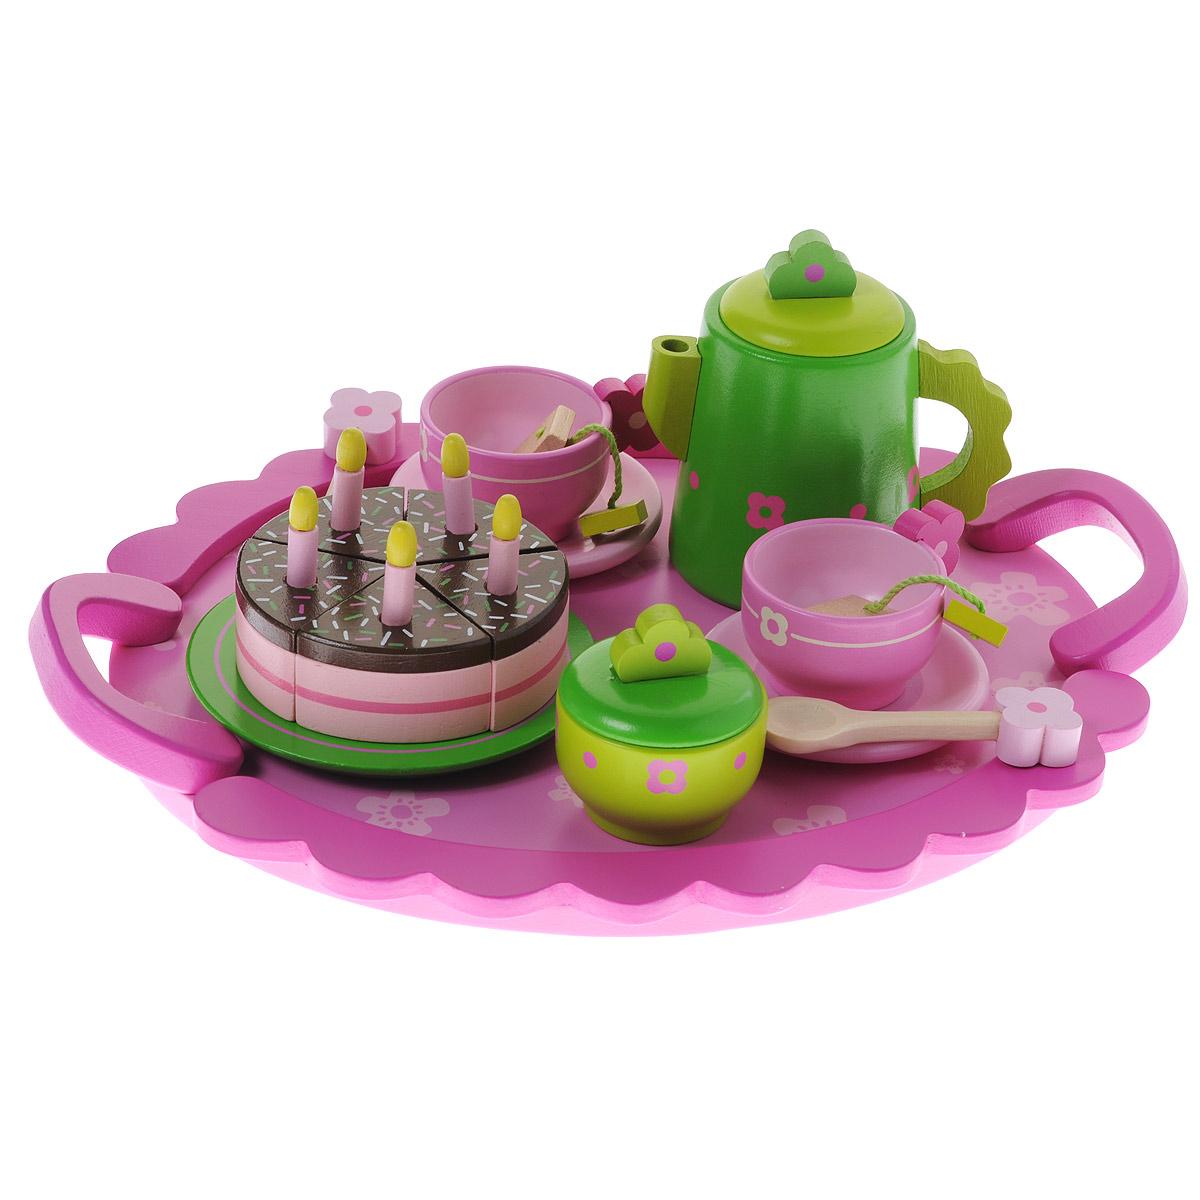 """Игровой набор Djeco """"День рождения"""" привлечет внимание любой девочки. Набор включает в себя все необходимое для веселого игрового чаепития: чайник, 2 чашки, 2 блюдца, сахарница, 3 пакетика чая, 5 свечек, 5 кусочков торта, тарелка и поднос. Все элементы набора выполнены из дерева и окрашены нетоксичными красками в нежные пастельные цвета. Все предметы в наборе имеют удобные для детских ручек размеры. Крышки на чайничке и сахарнице снимаются. Ваша малышка сможет часами играть с этим замечательным набором, выдумывая различные истории и разыгрывая сказочное чаепитие. Такие игры развивают мелкую моторику, социальные навыки и воображение, а также помогут ребенку познакомиться с различными цветами и формами. Порадуйте свою малышку таким замечательным подарком!"""